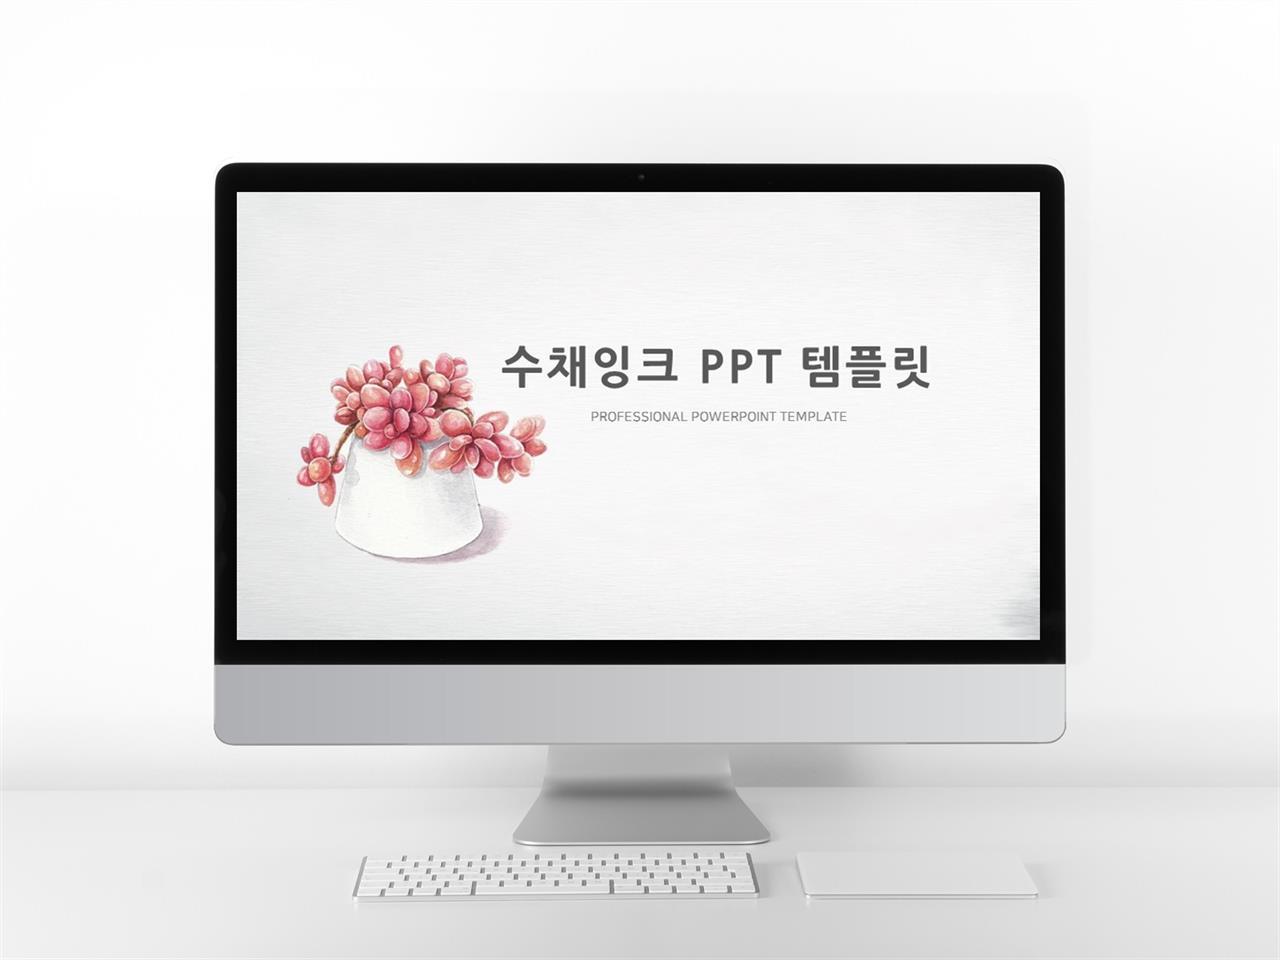 화초, 동식물 핑크색 귀여운 매력적인 POWERPOINT탬플릿 제작 미리보기